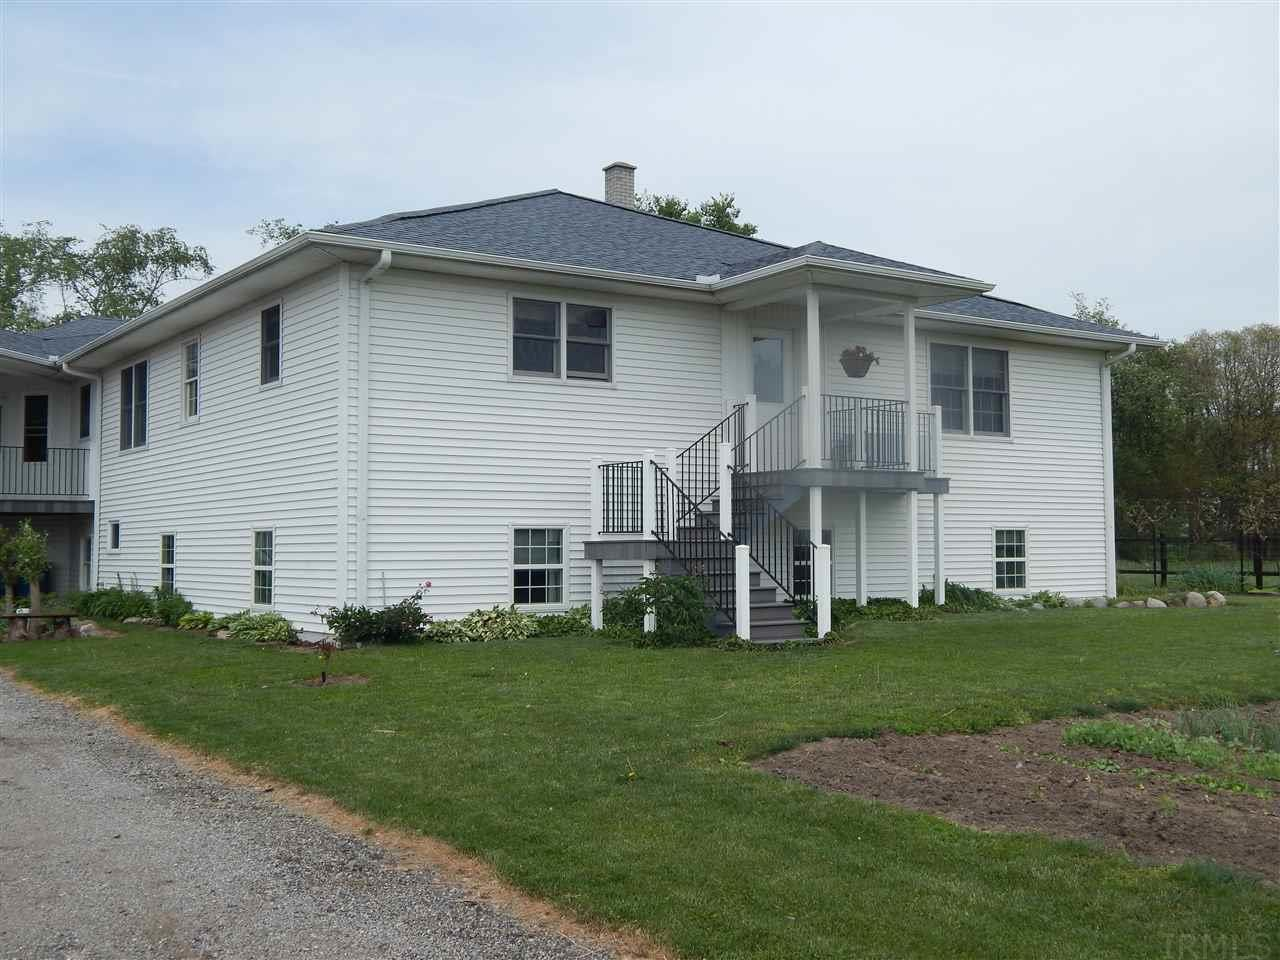 2910 N 1150 W, Middlebury, IN 46540